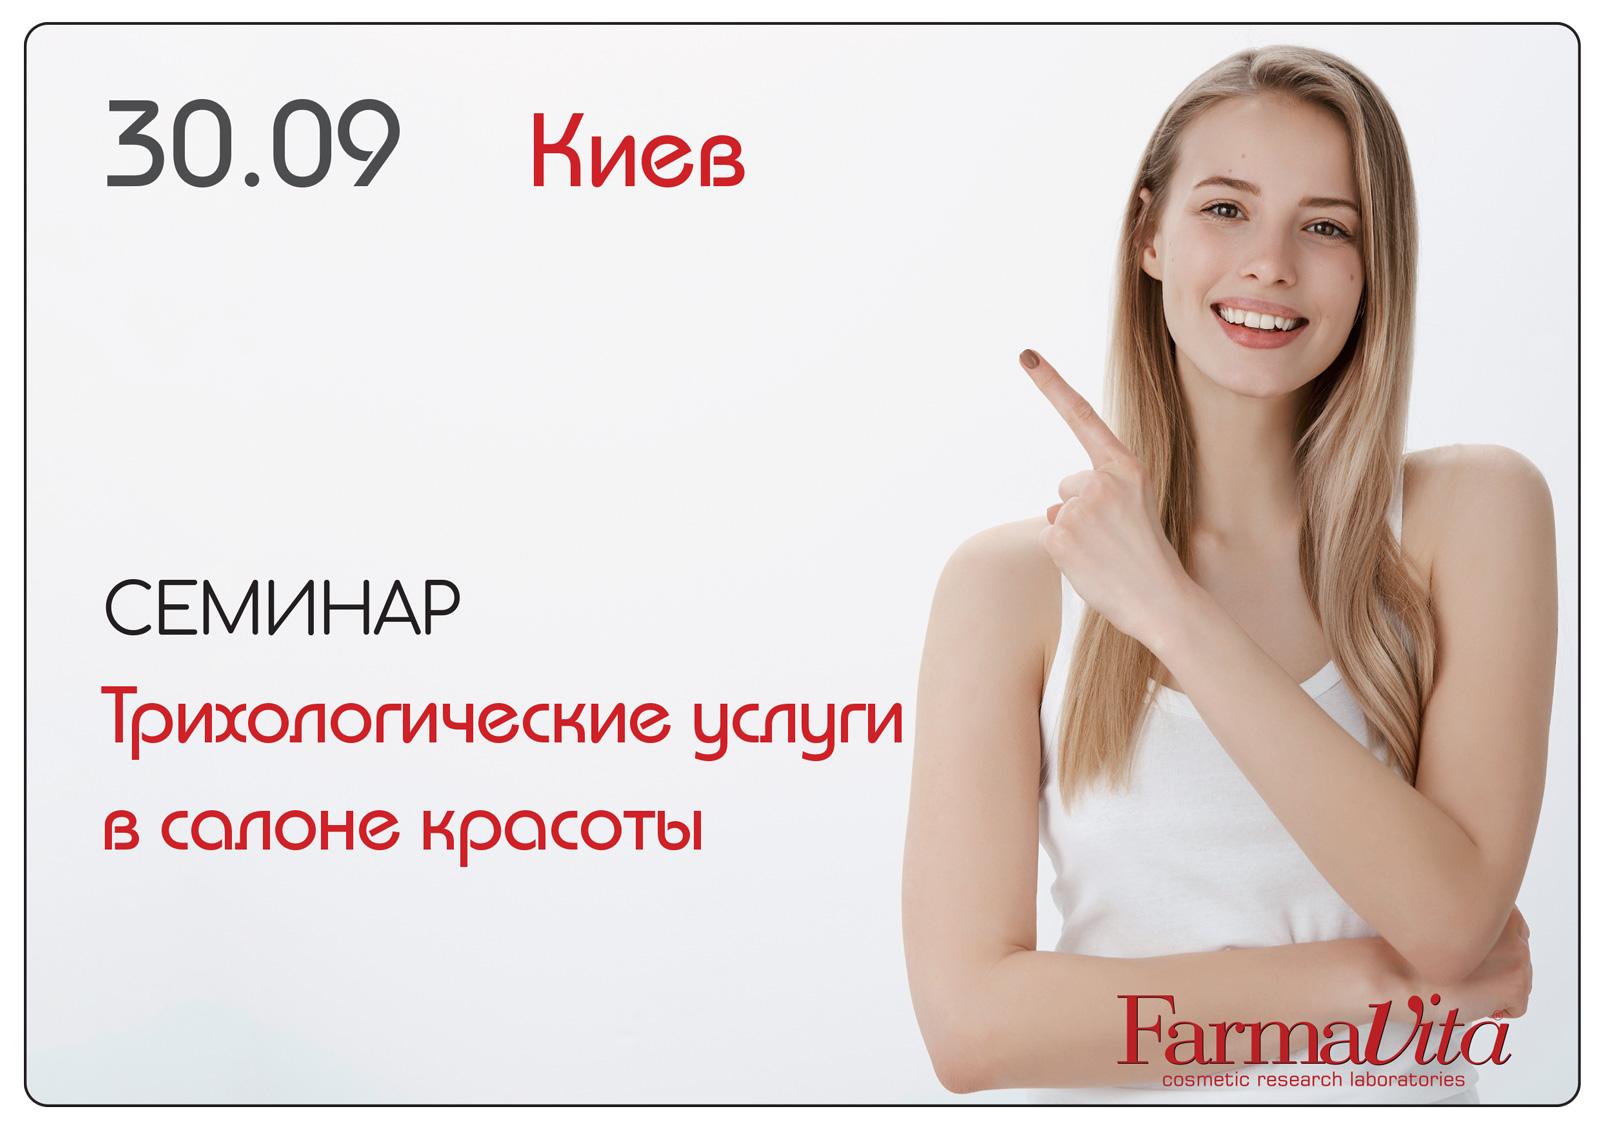 Семинар в Киеве